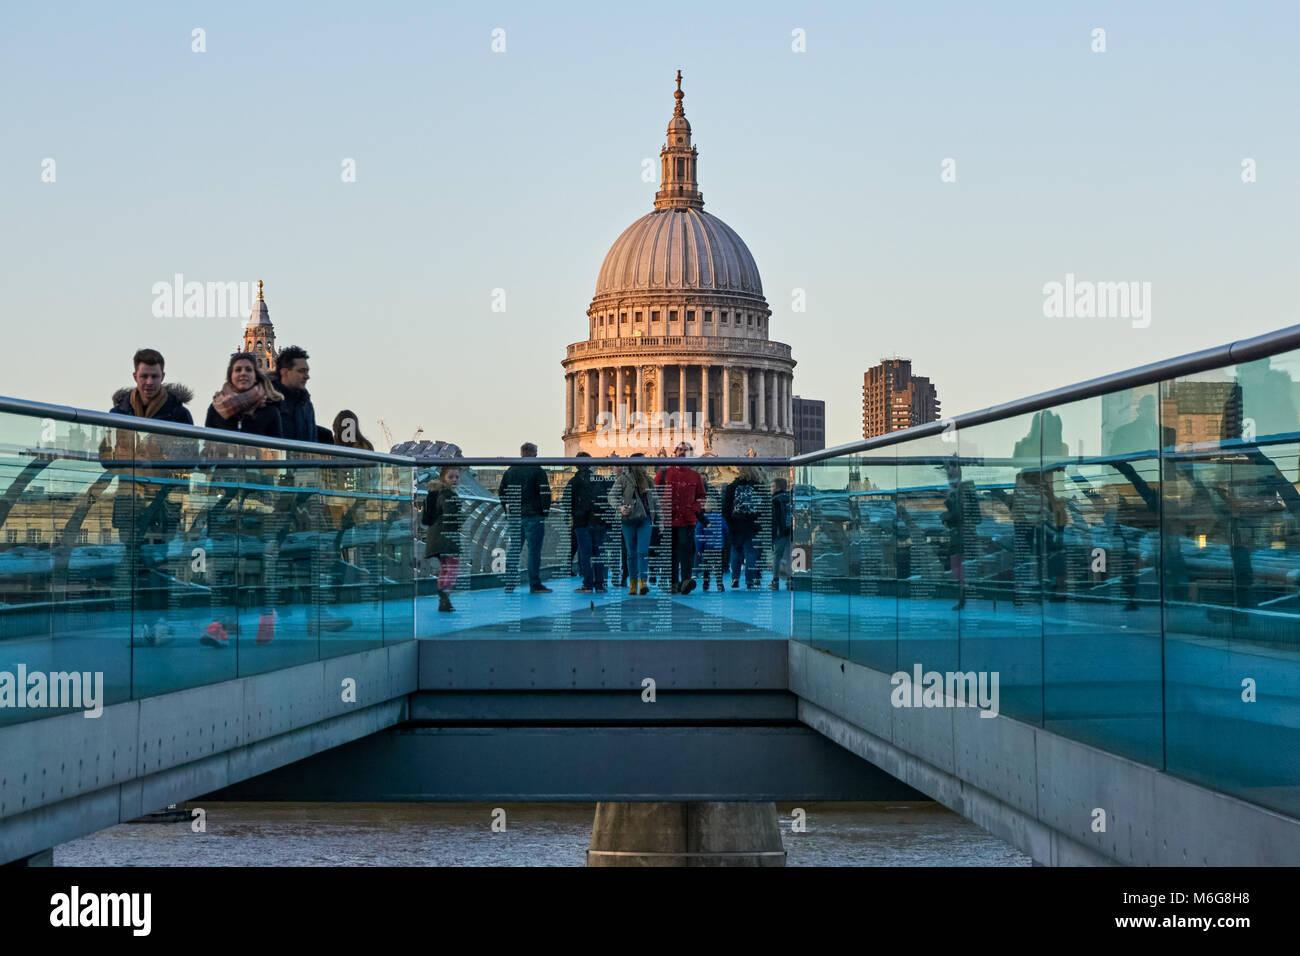 Les gens sur le pont du millénaire avec la Cathédrale St Paul à l'arrière-plan, Londres Photo Stock